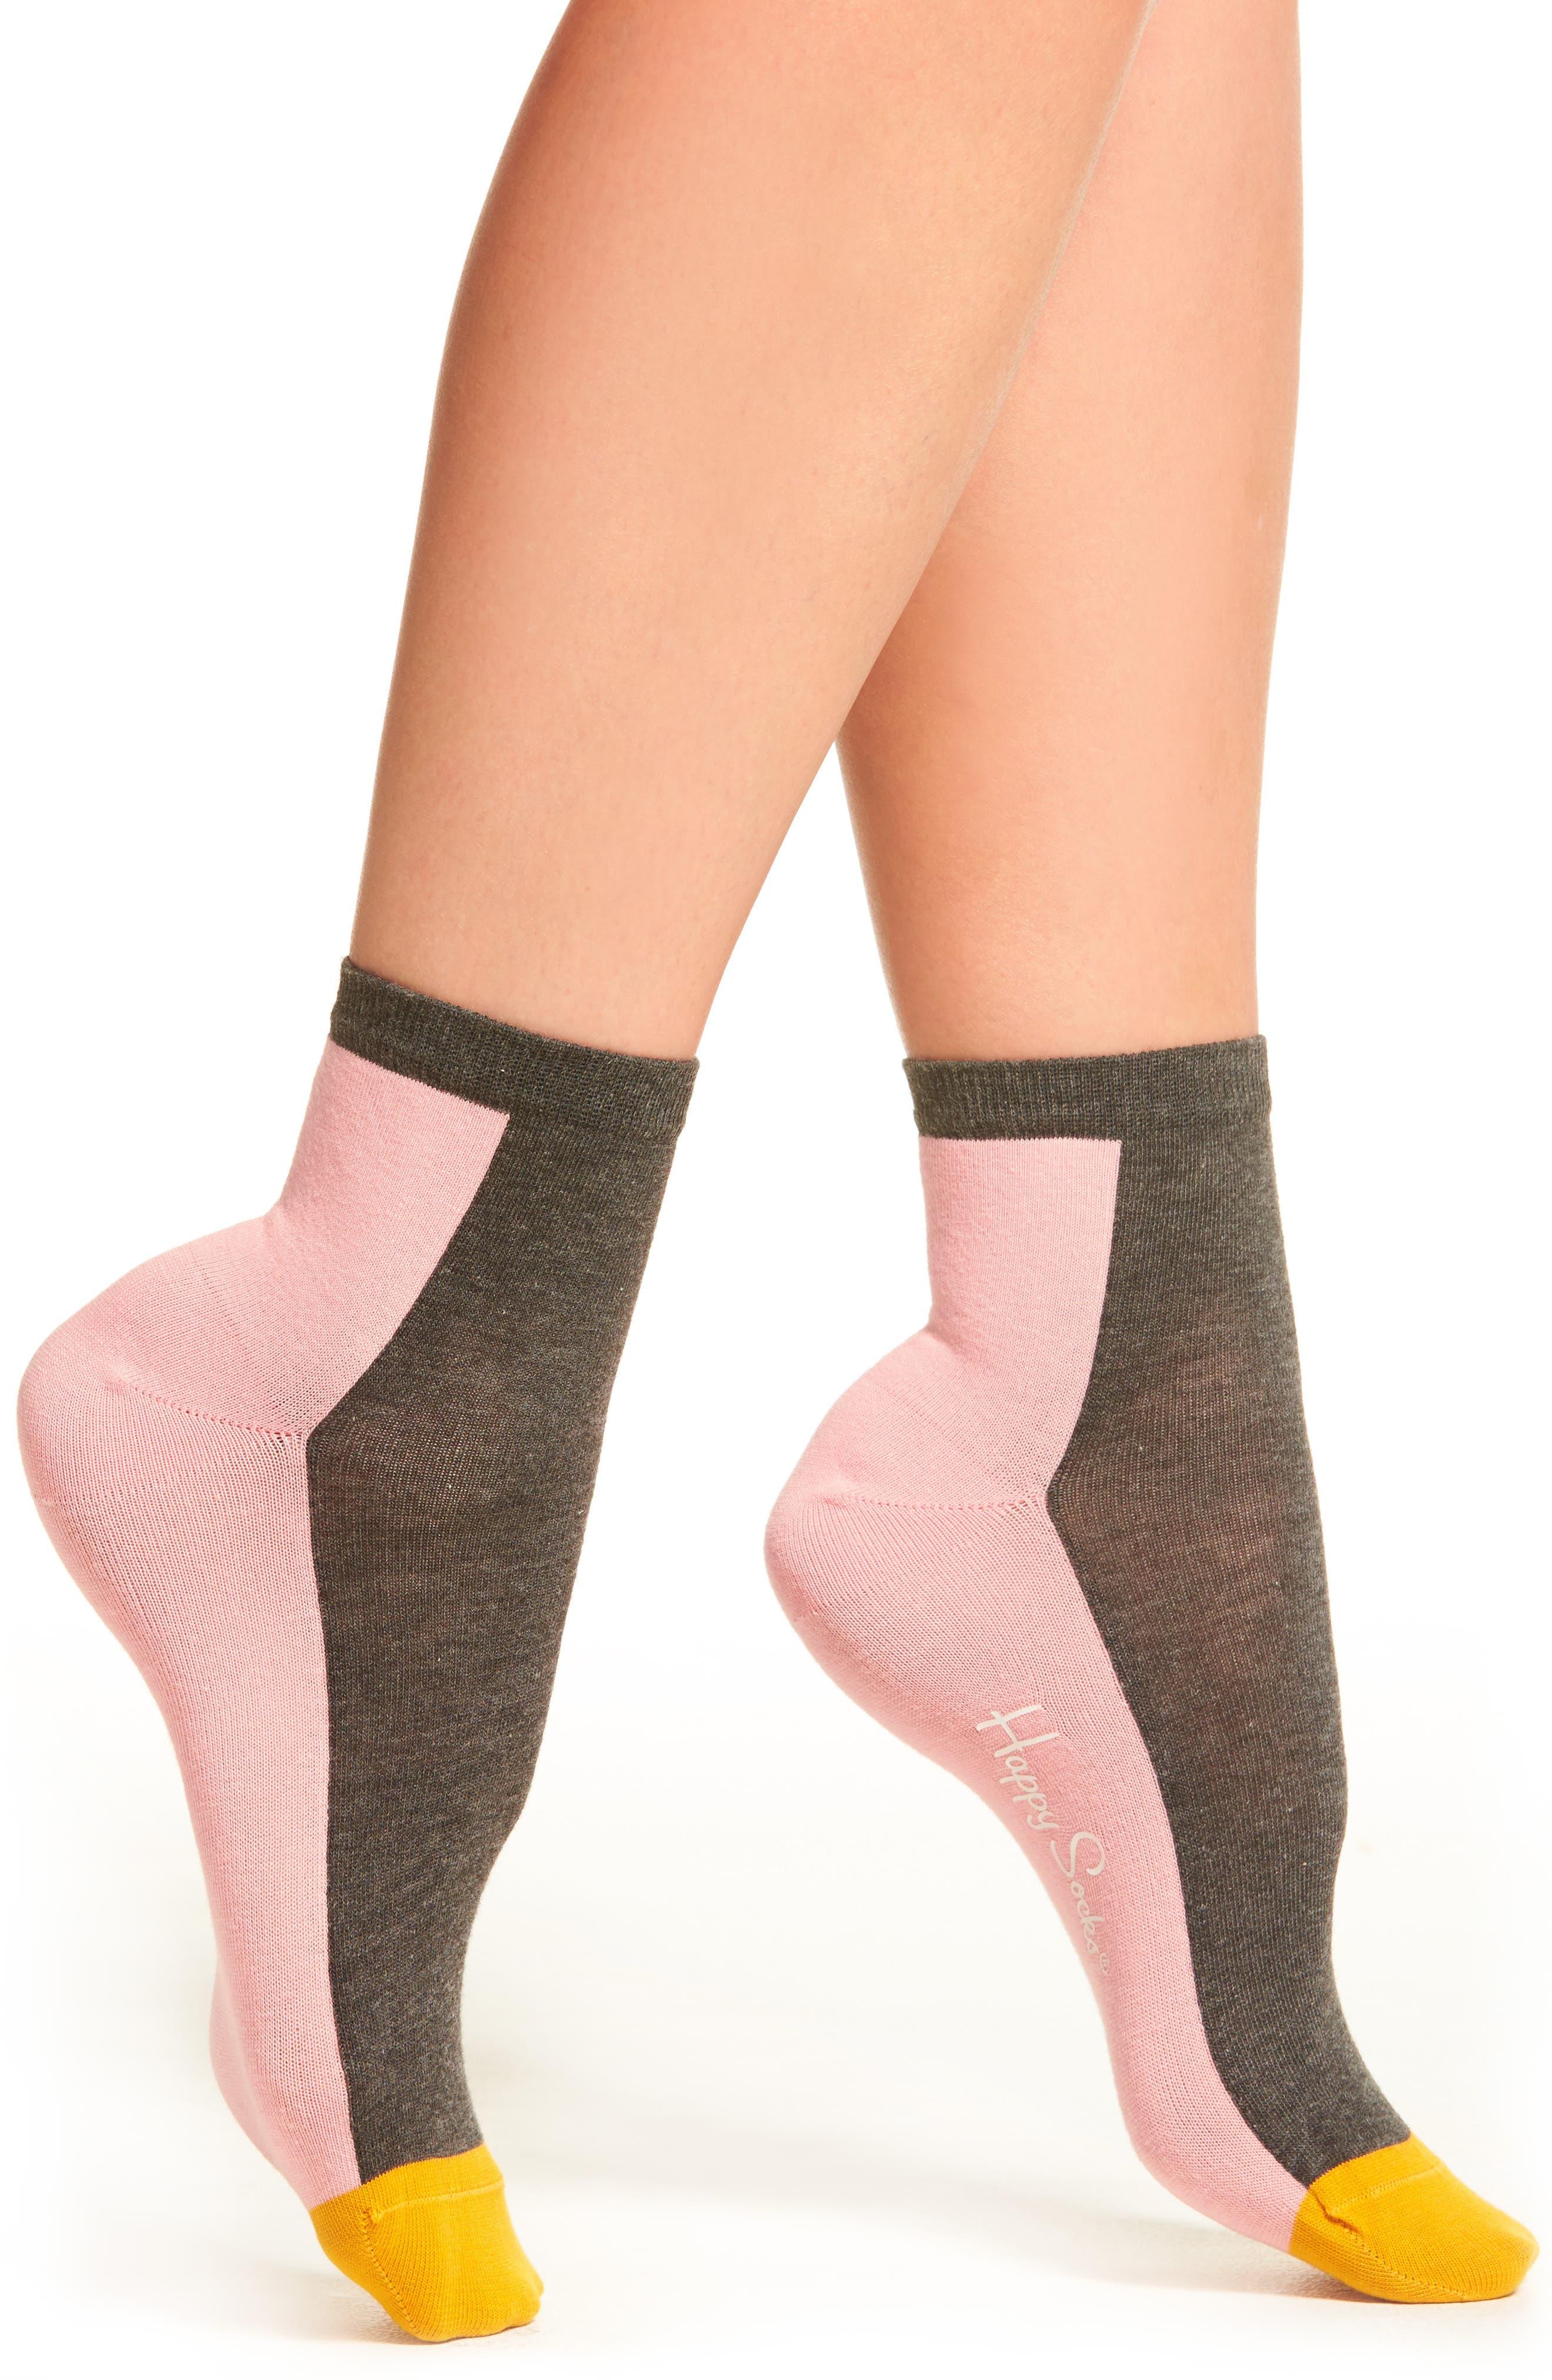 Main Image - Happy Socks Anklet Socks